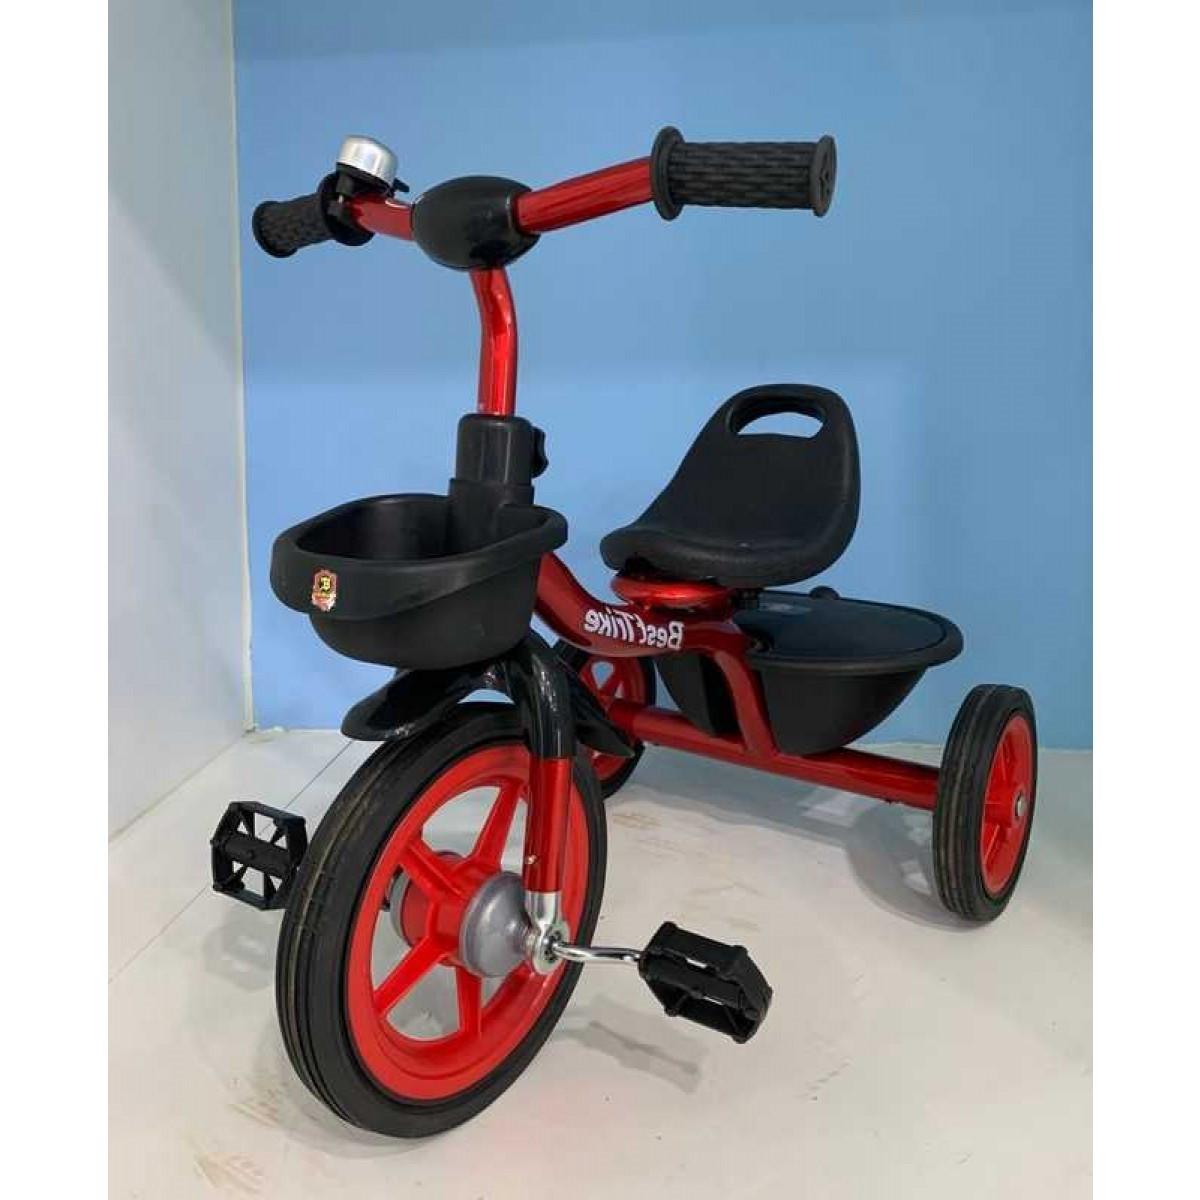 Детский трехколесный велосипед, резиновые колеса, звоночек, 2 корзины, накладки на руле, Best Trike BS-1788